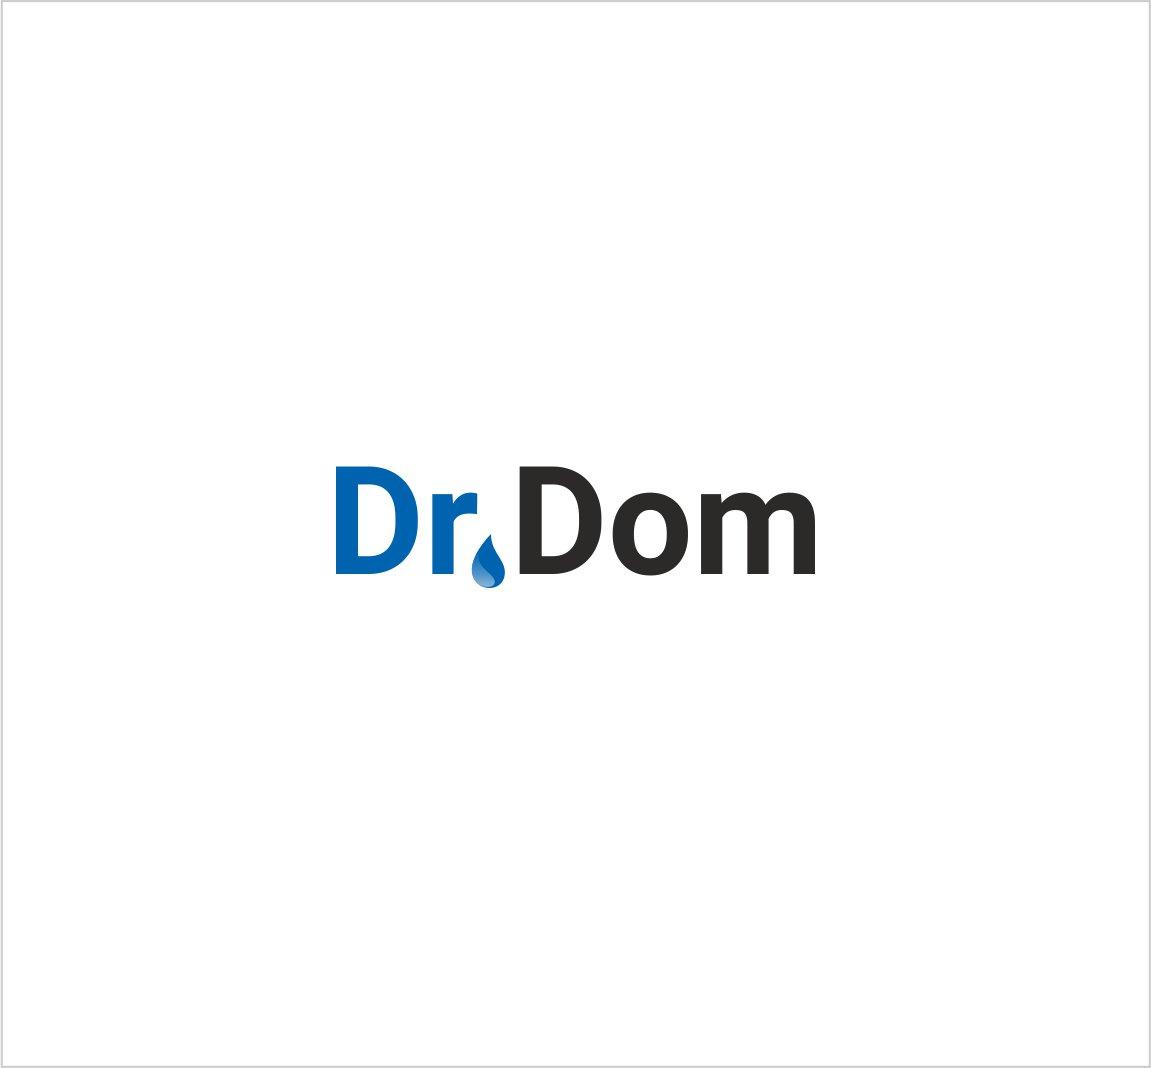 Разработать логотип для сети магазинов бытовой химии и товаров для уборки фото f_9146017144e68a8b.jpg